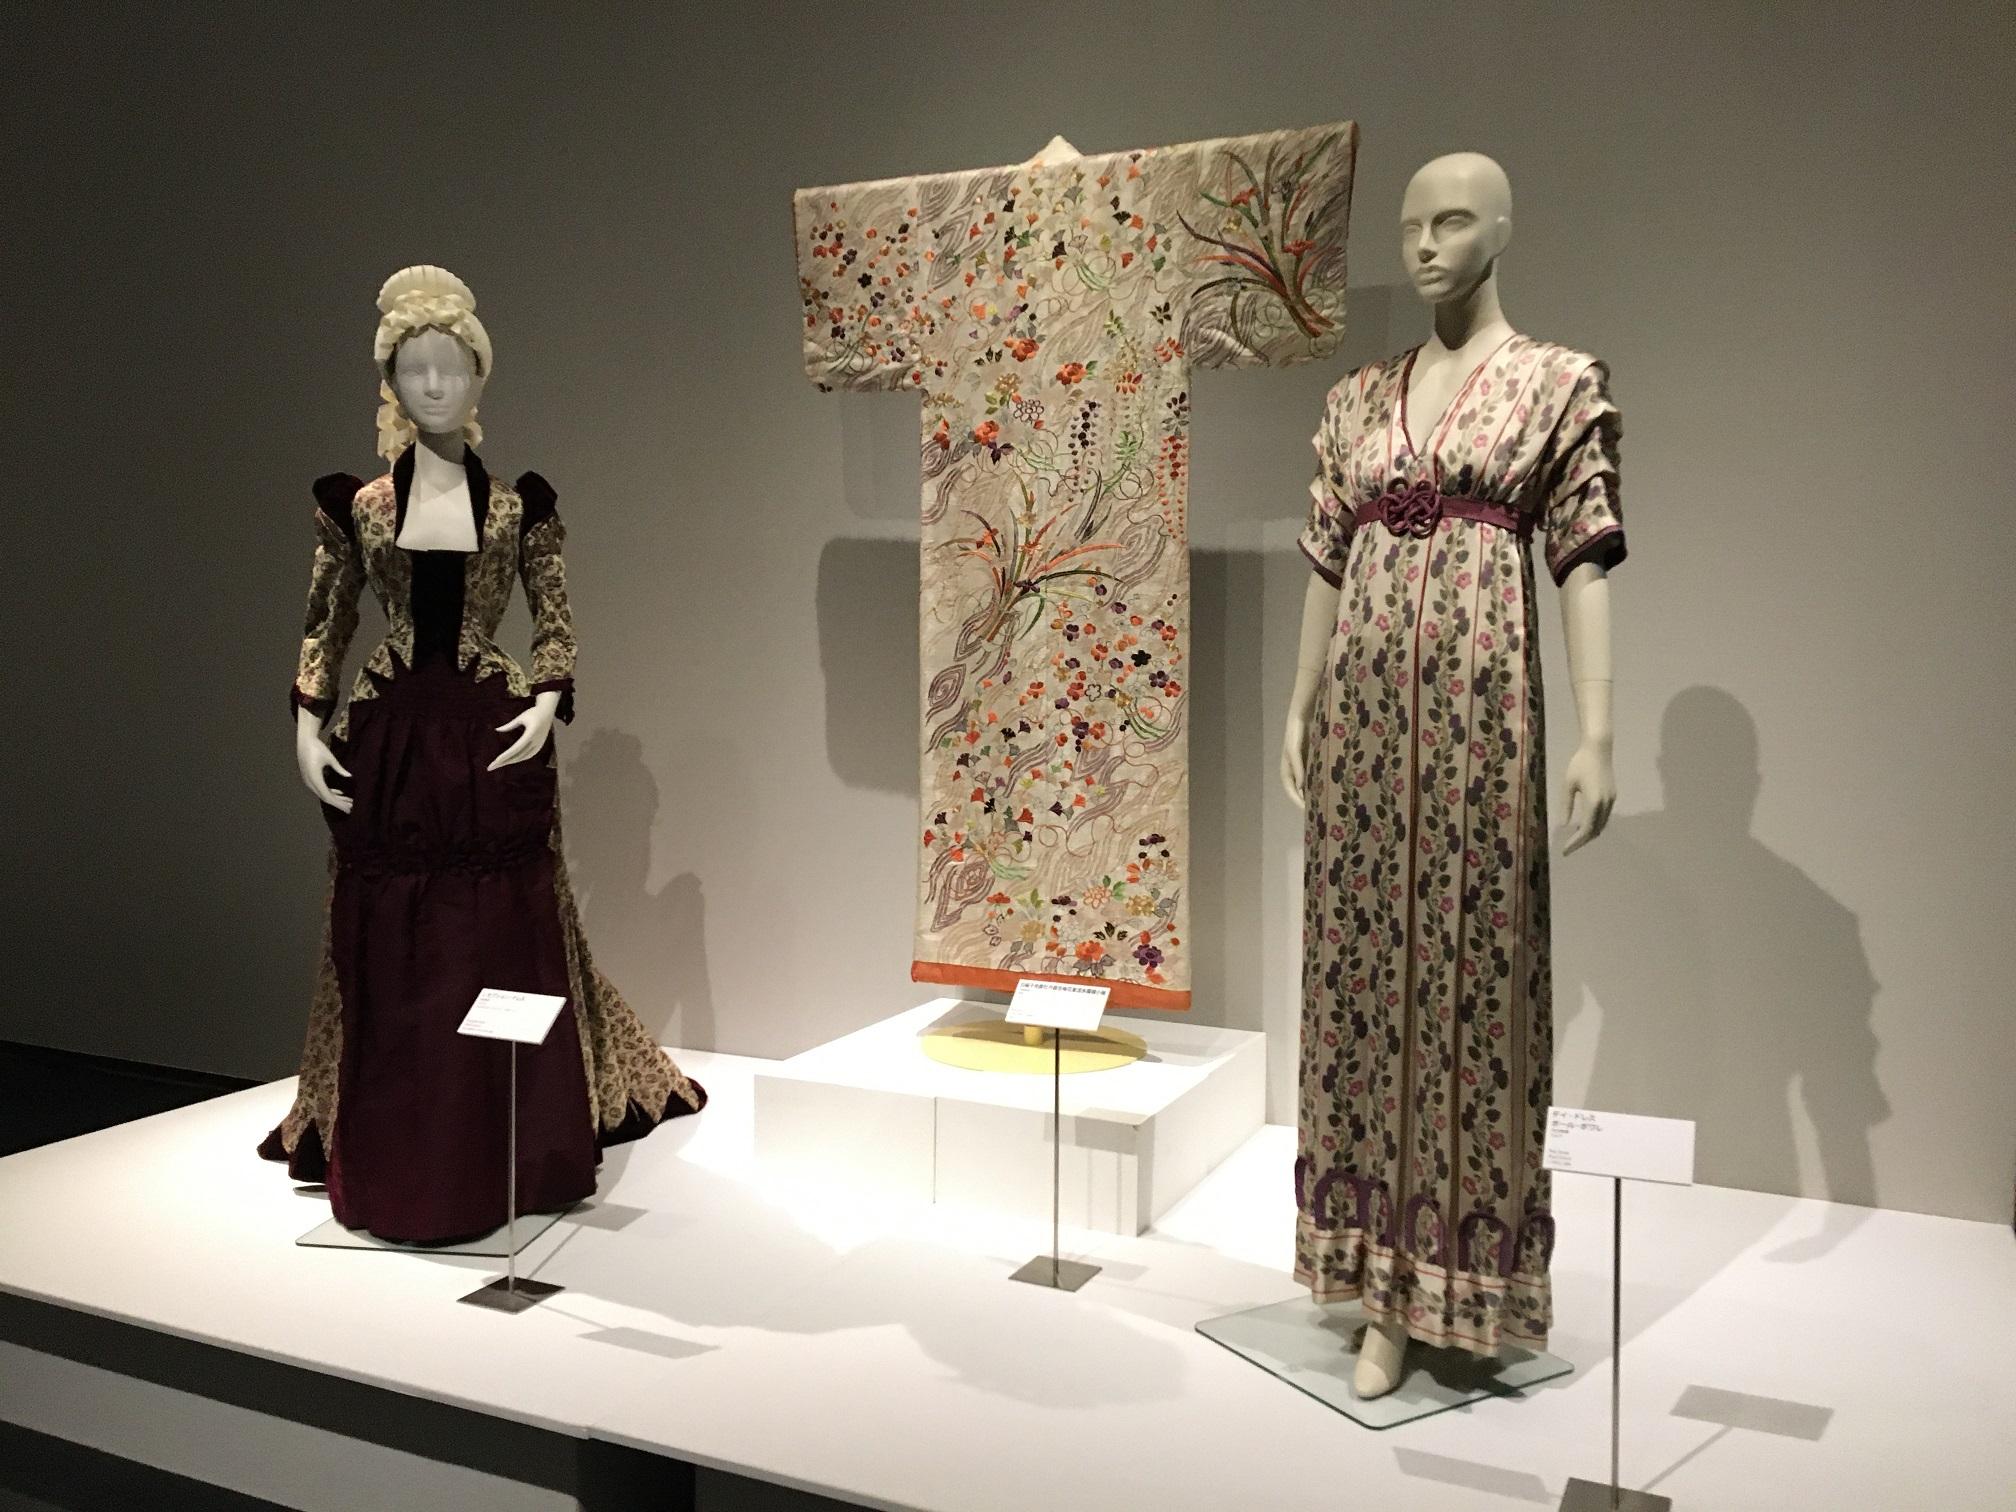 [Treasures of Fashion展] オンラインギャラリートーク④ 第3章「Japan & Western Fashion 日本と西洋のファッション」、ぜひご鑑賞ください